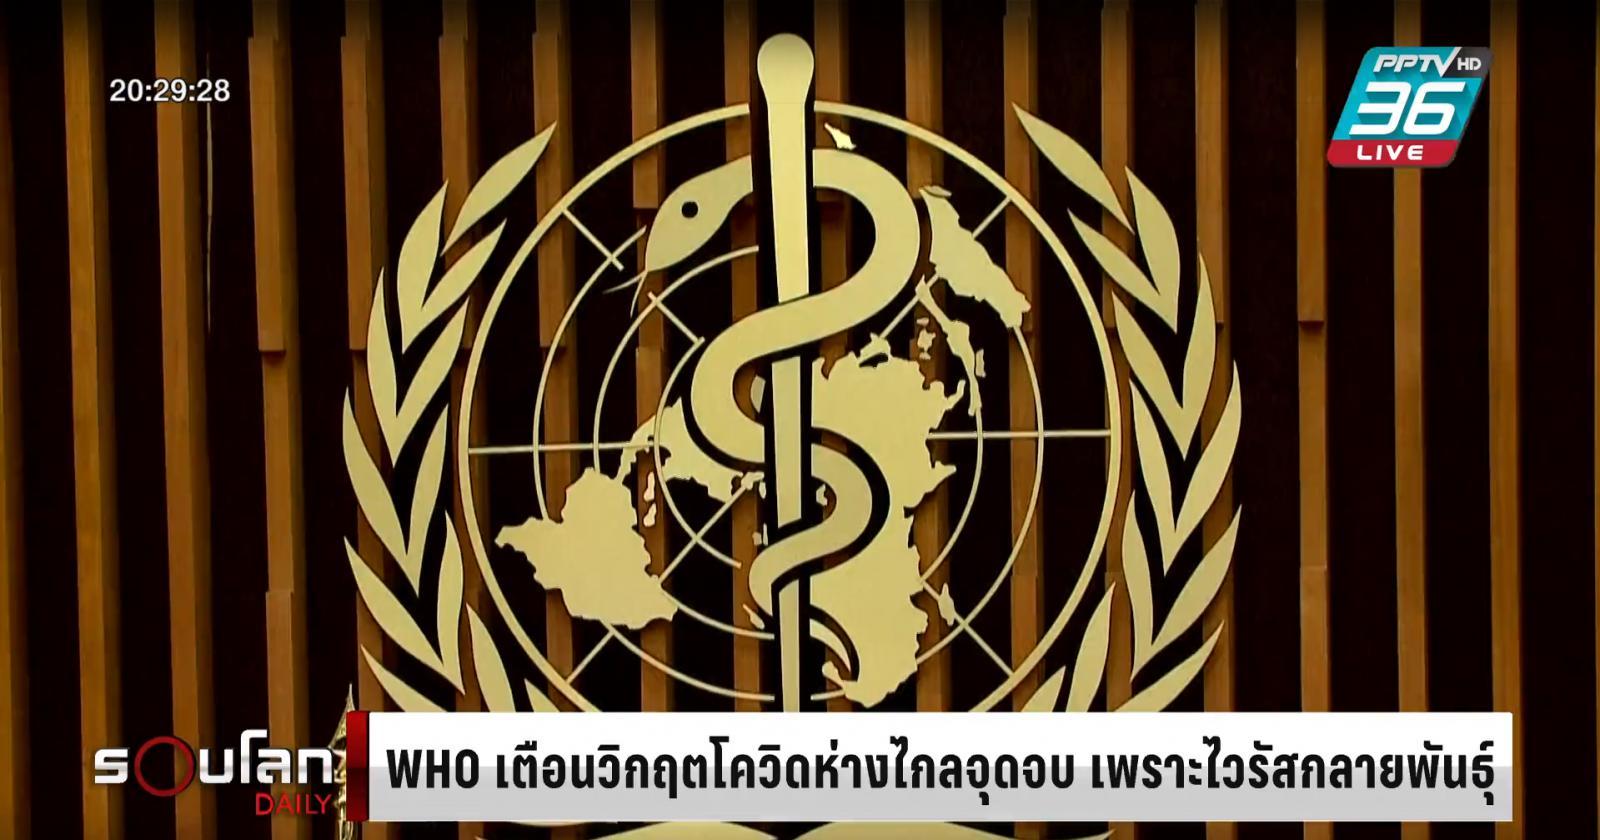 อนามัยโลก เตือนวิกฤตโควิดห่างไกลจุดจบ โลกเผชิญไวรัสกลายพันธุ์